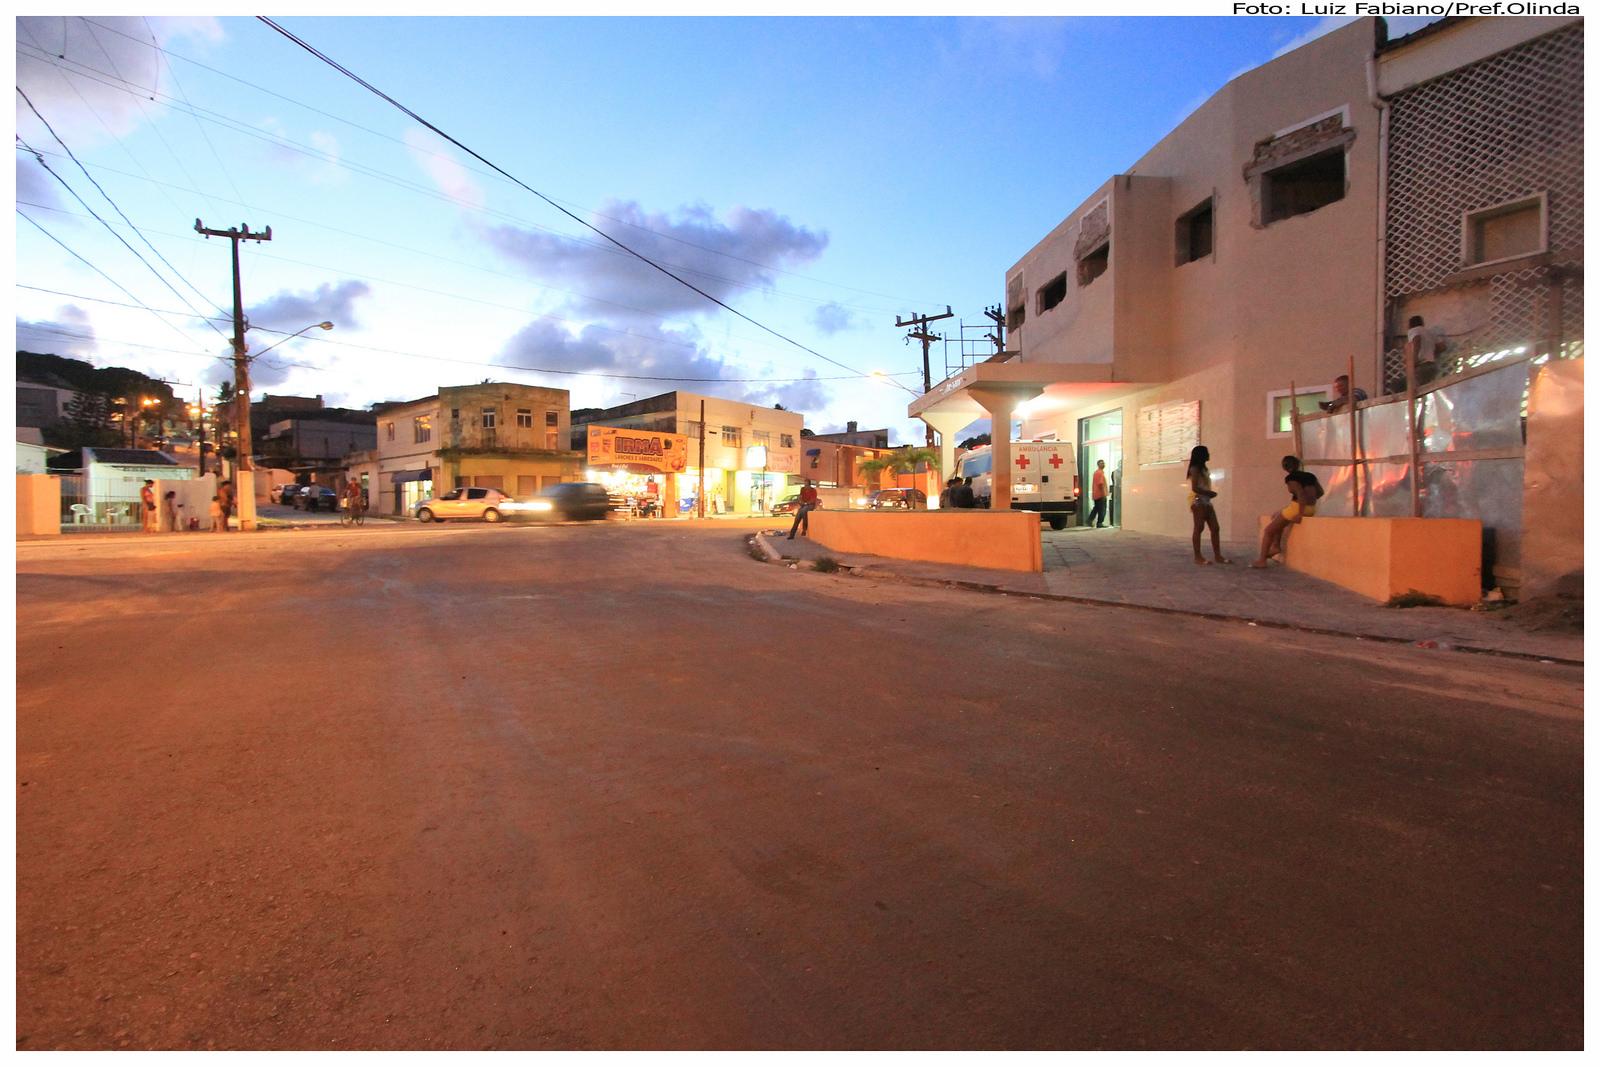 A Rua Dr farias Neves Sobrinho, em Bairro Novo, já foi recapeada. Foto: Luiz Fabiano/Pref.Olinda